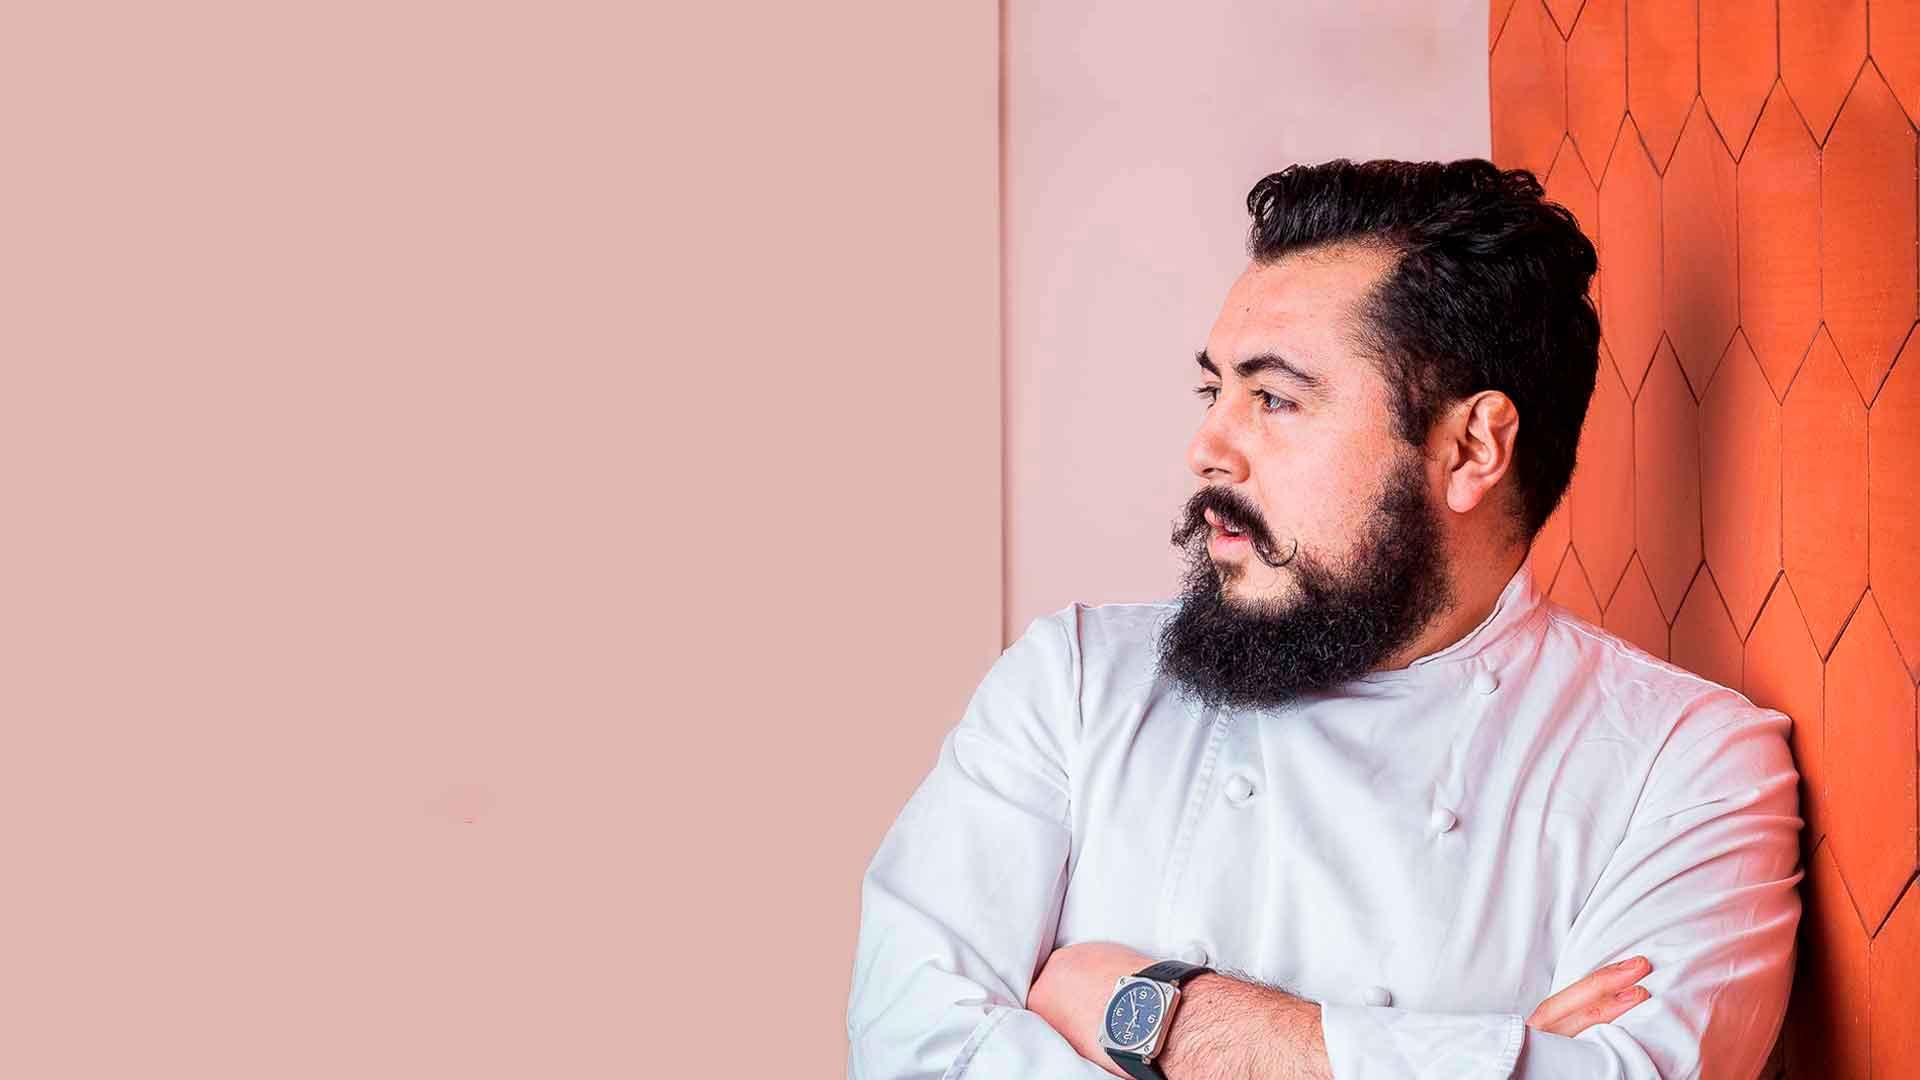 Chef mexicano Enrique Casarrubias y de cómo ganó una estrella Michelin